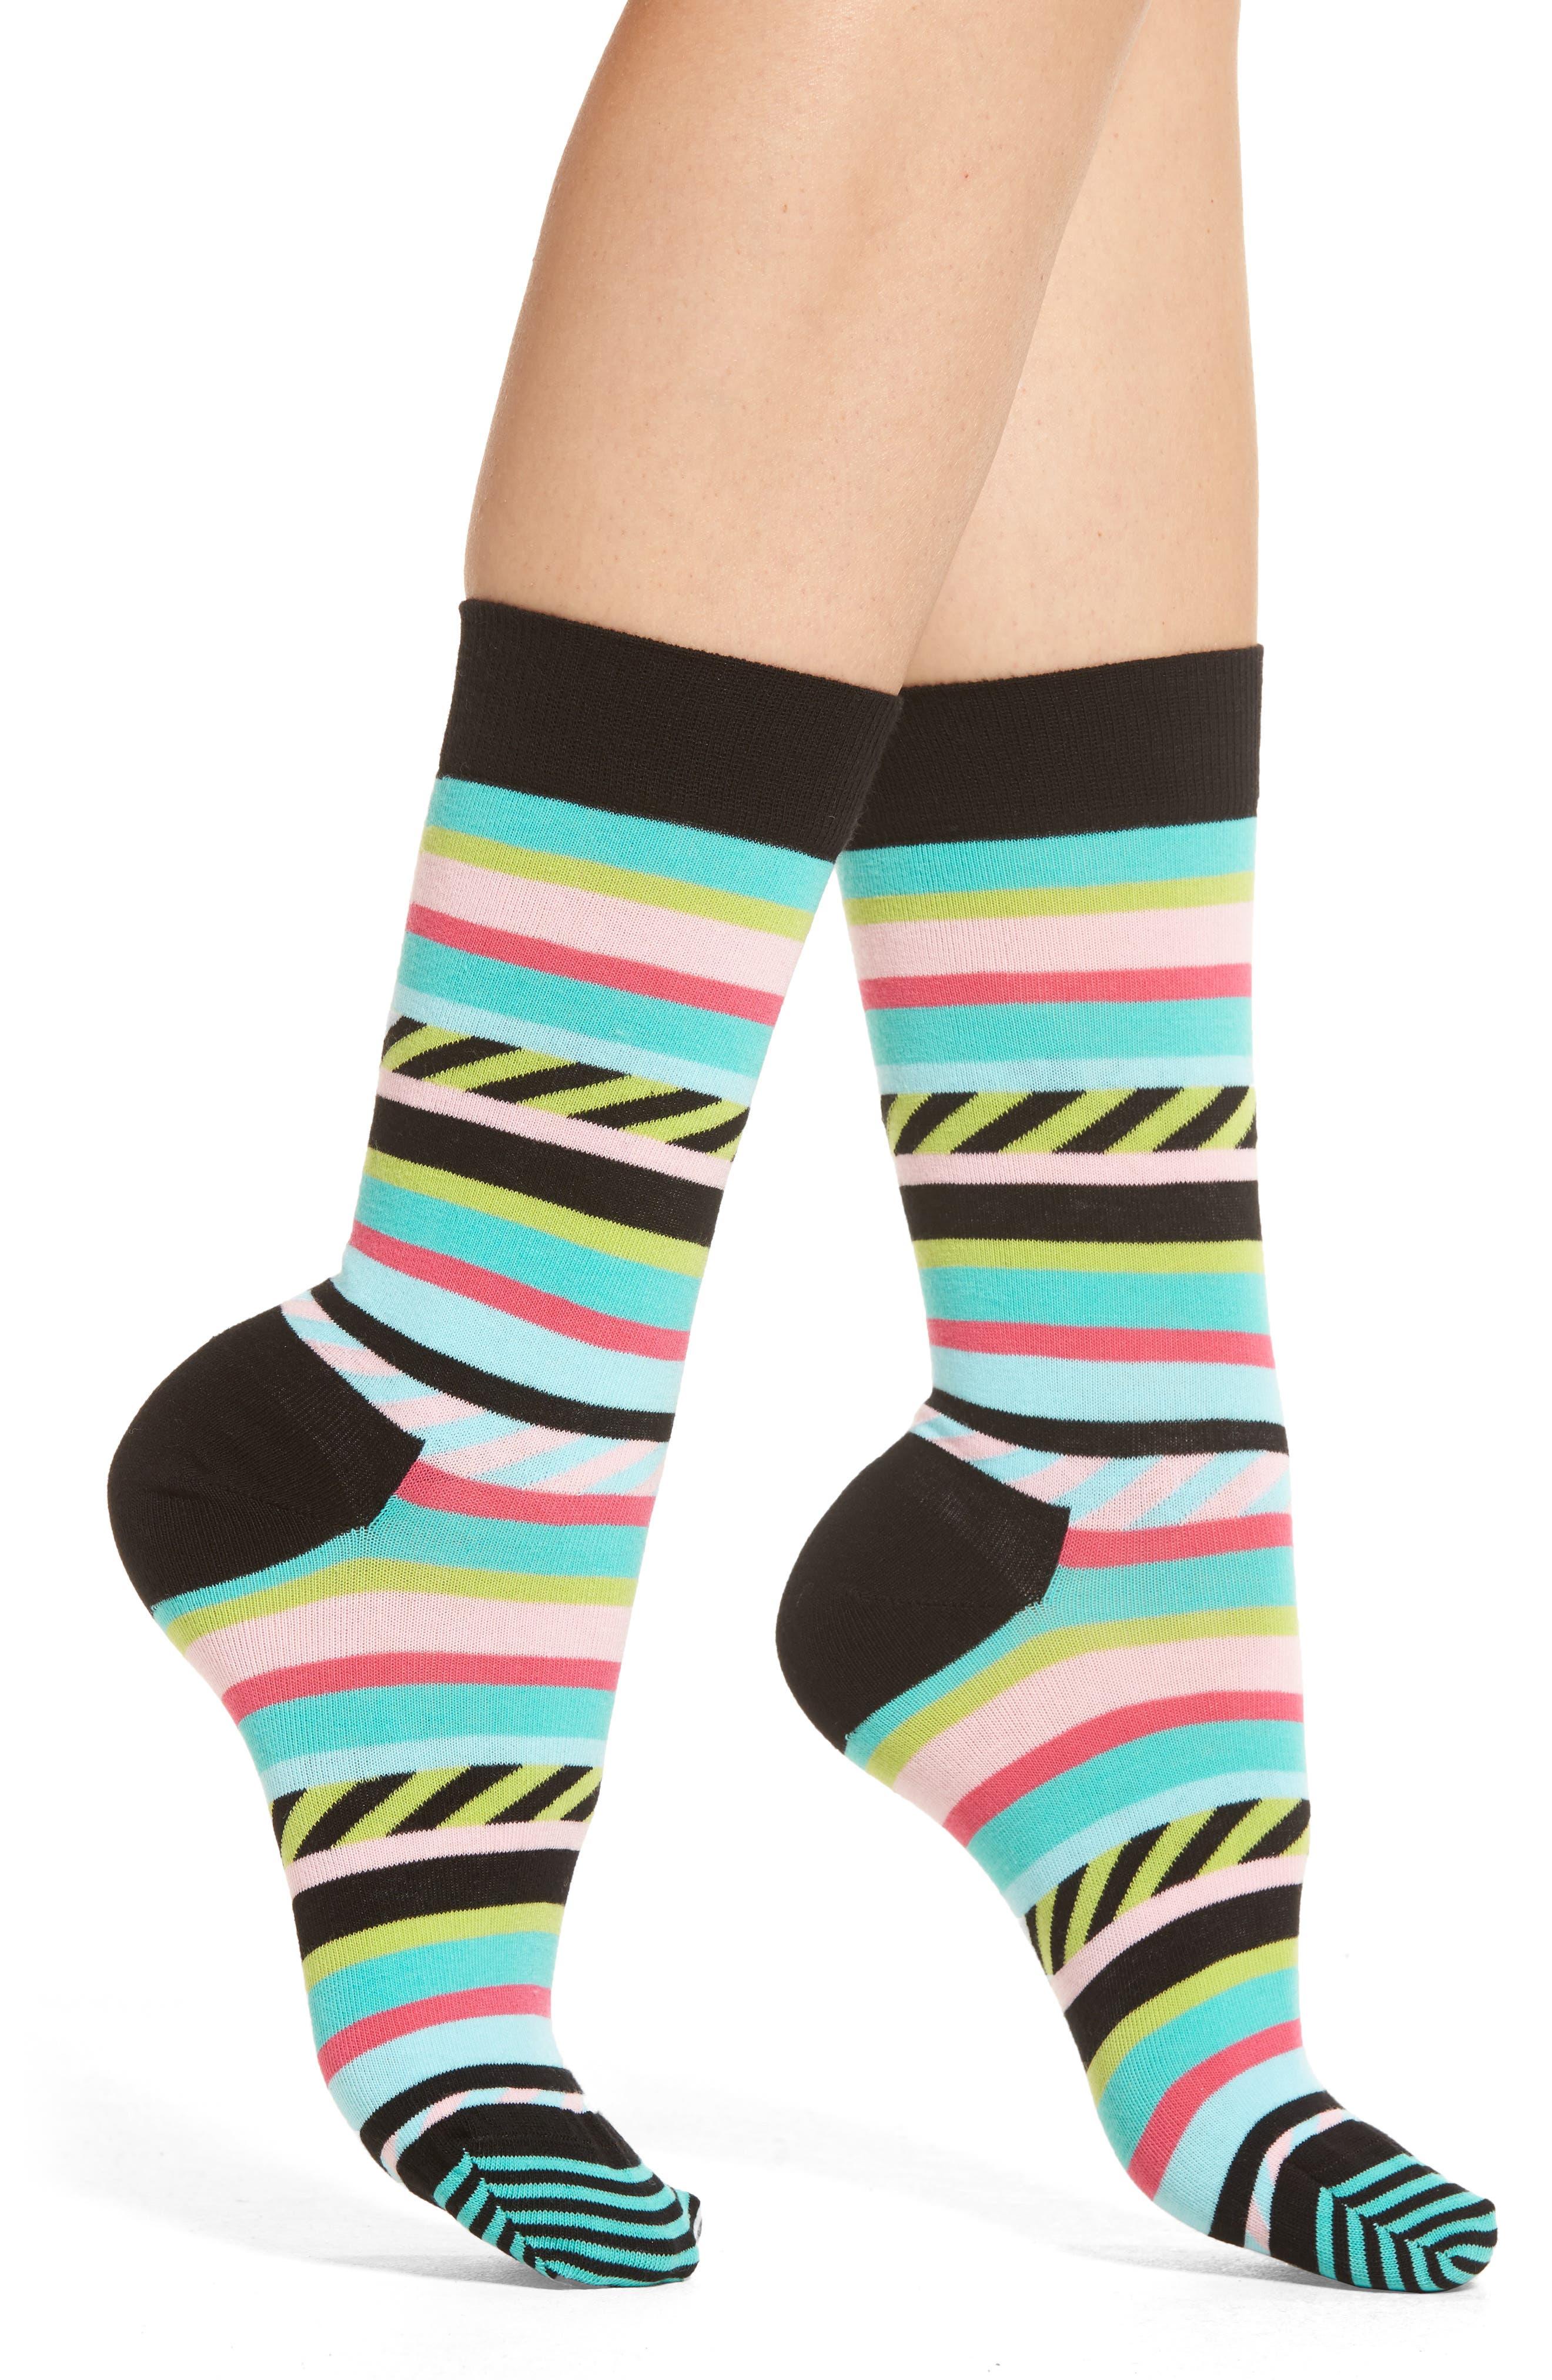 Alternate Image 1 Selected - Happy Socks Stripes & Stripes Crew Socks (3 for $24.00)